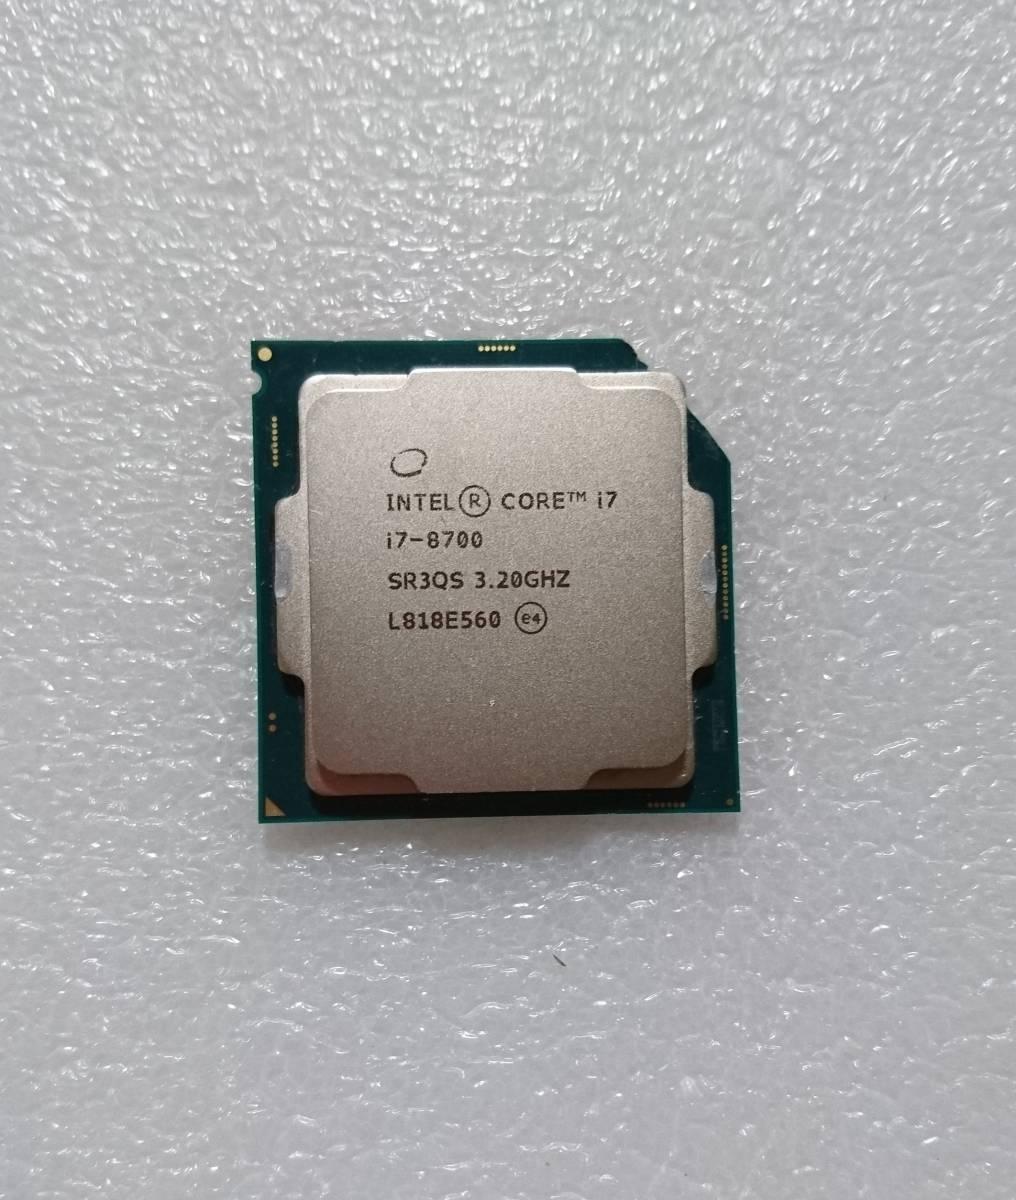 ☆ intel Core i7-8700 SR3QS 3.2GHz LGA1151 インテル CPU 第8世代 ☆